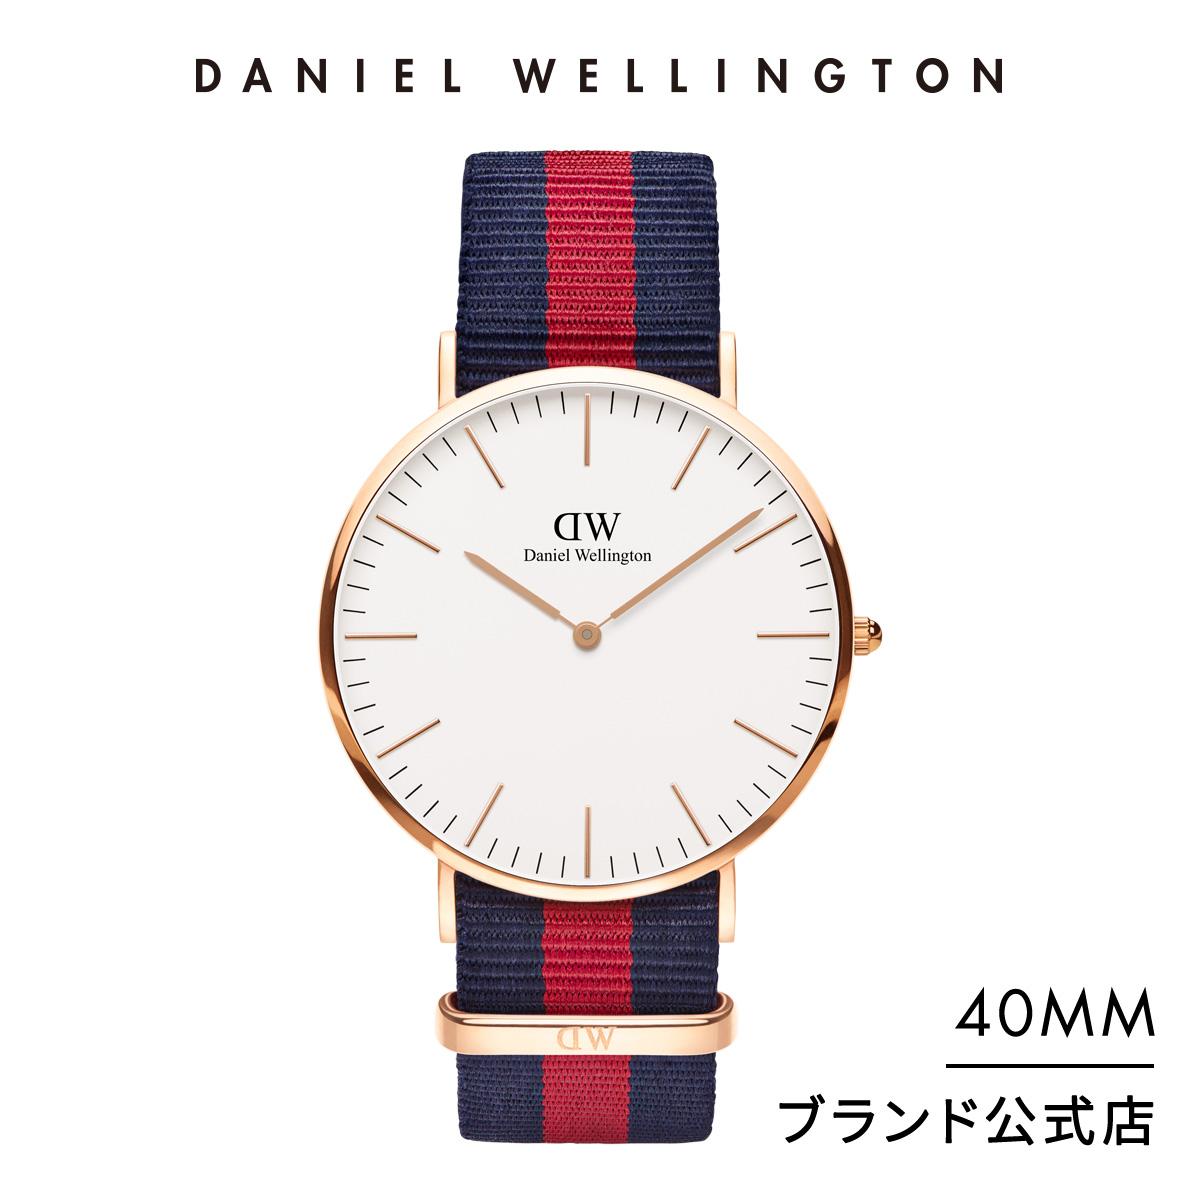 【公式2年保証/送料無料】ダニエルウェリントン公式 メンズ 腕時計 Classic Oxford 40mm Nato ストラップ クラシック オックスフォード DW プレゼント おしゃれ インスタ映え ブランド 彼女 彼氏 ペアスタイルに最適 ウォッチ